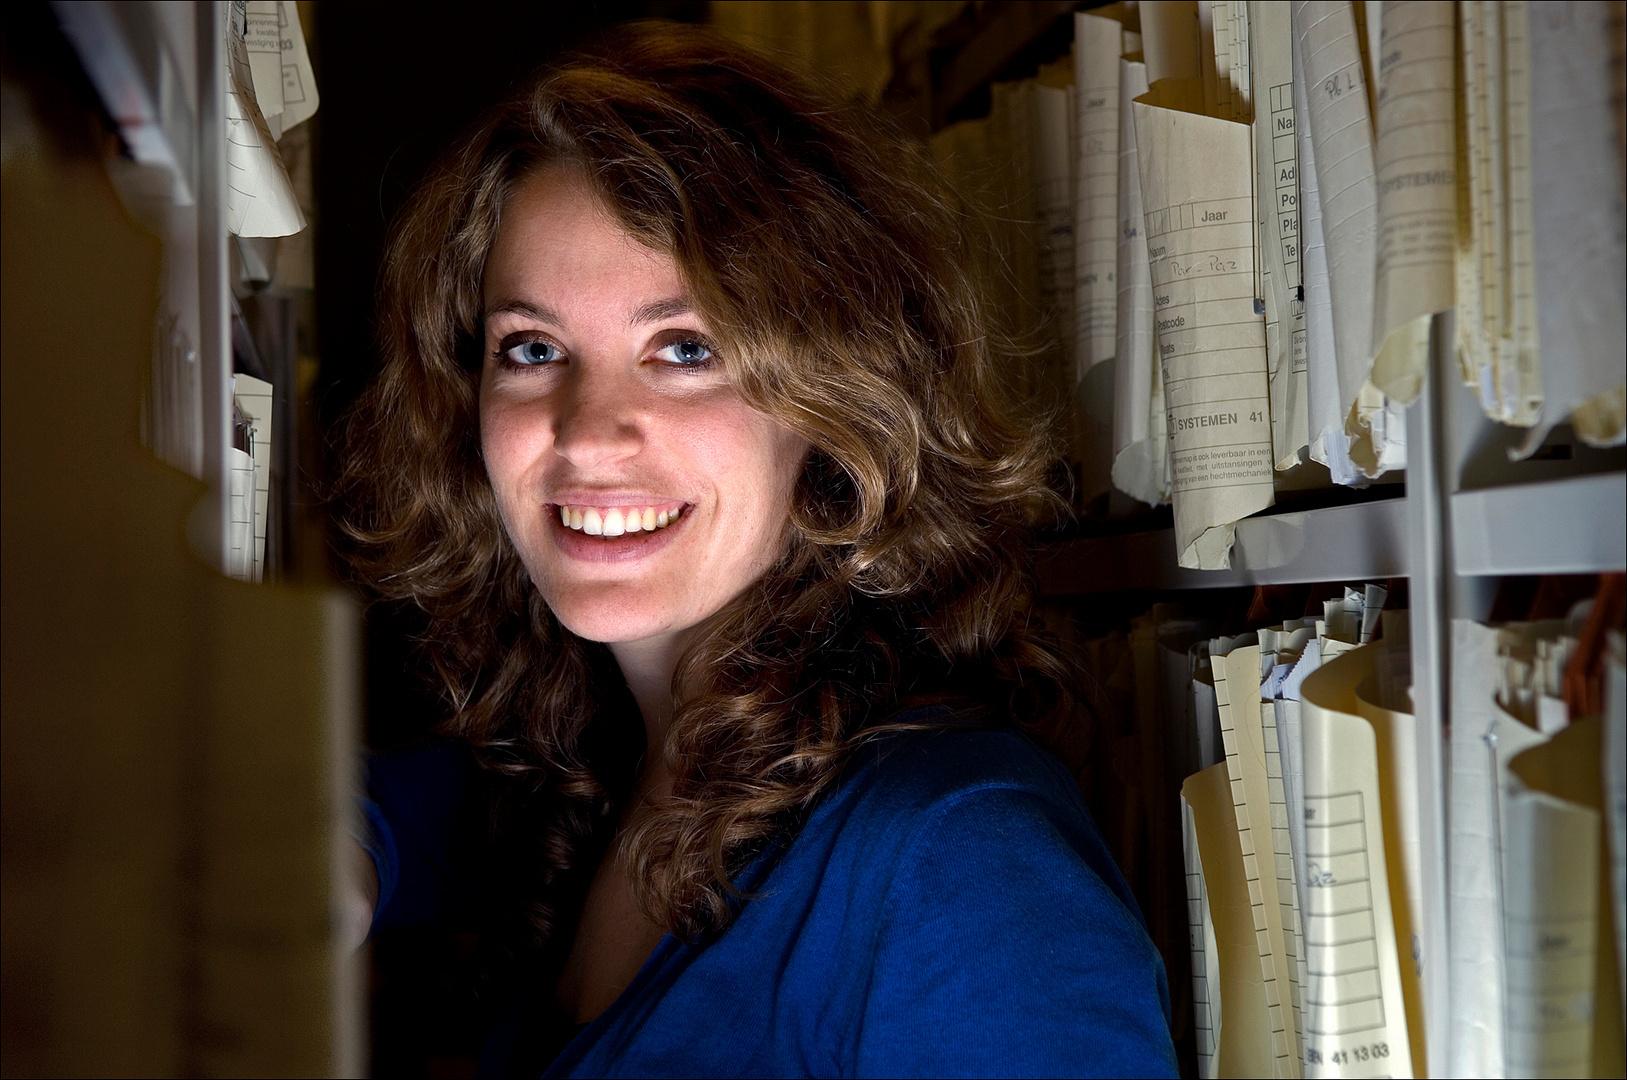 Tessa van Beest Speechschrijver/communicatieadviseur at Ministerie van Algemene Zaken